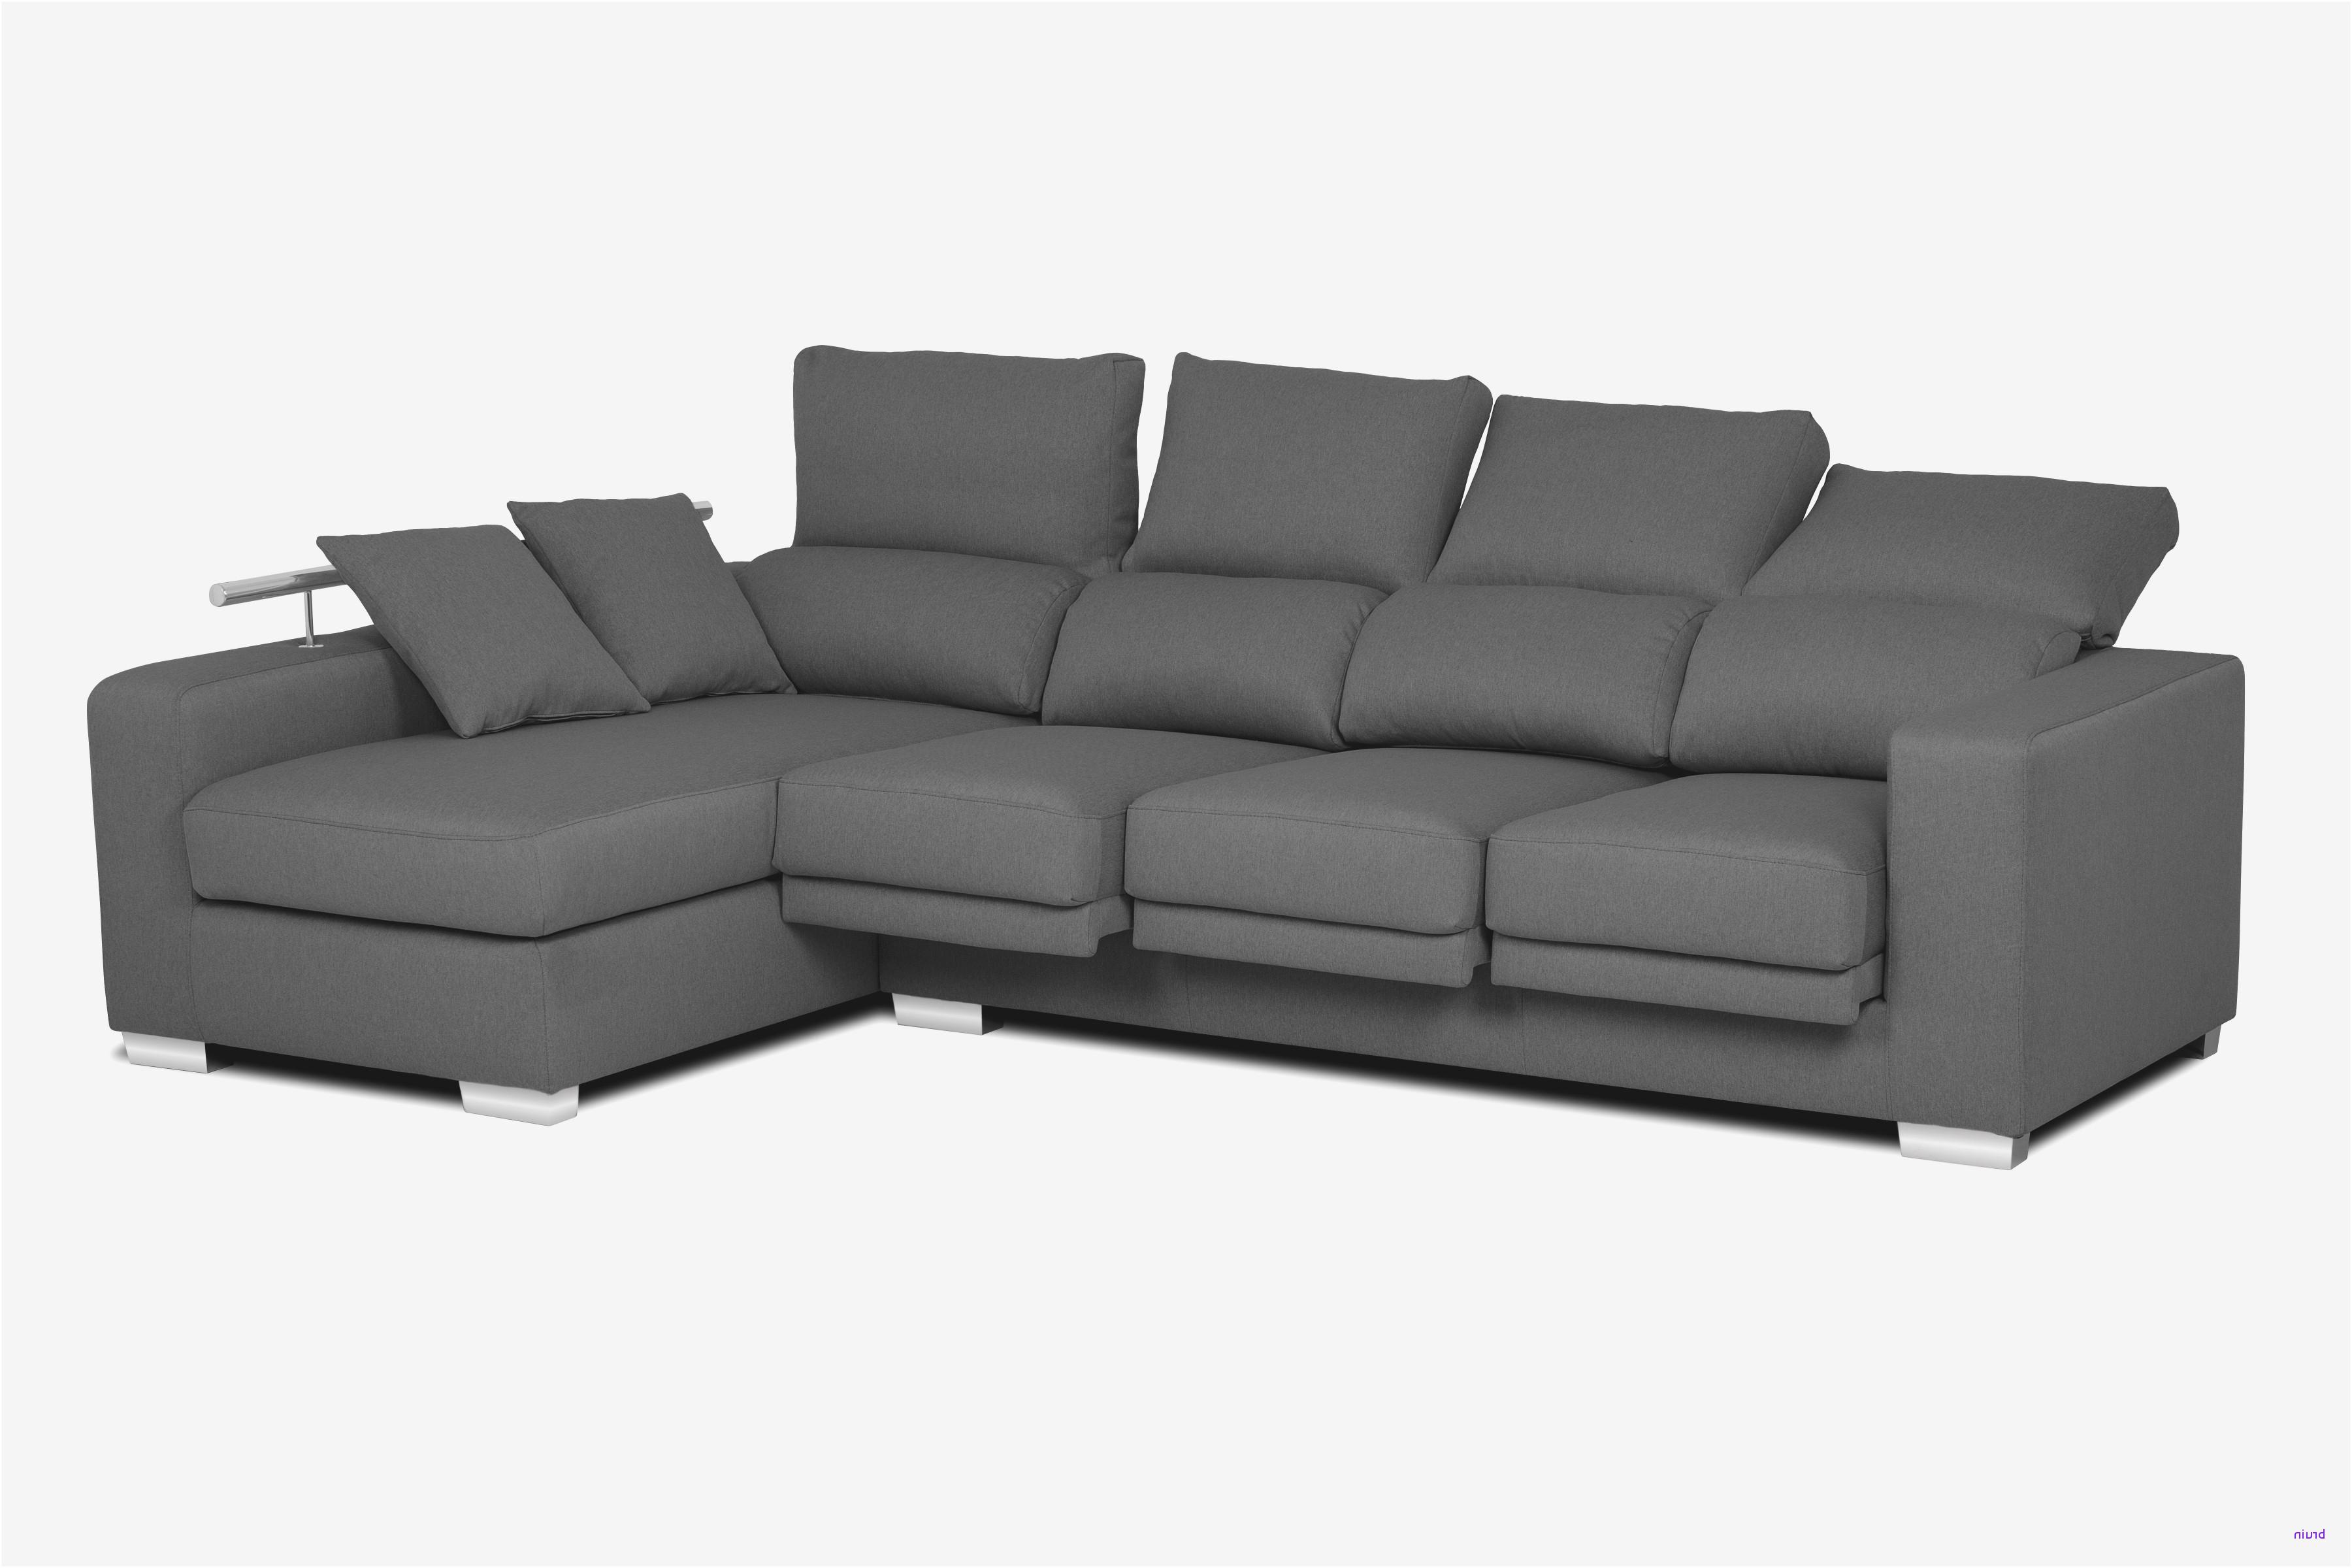 Conforama sofas Cheslong H9d9 attirant La Chaise Longue Annecy à 25 Inspirador sofa Cama Conforama